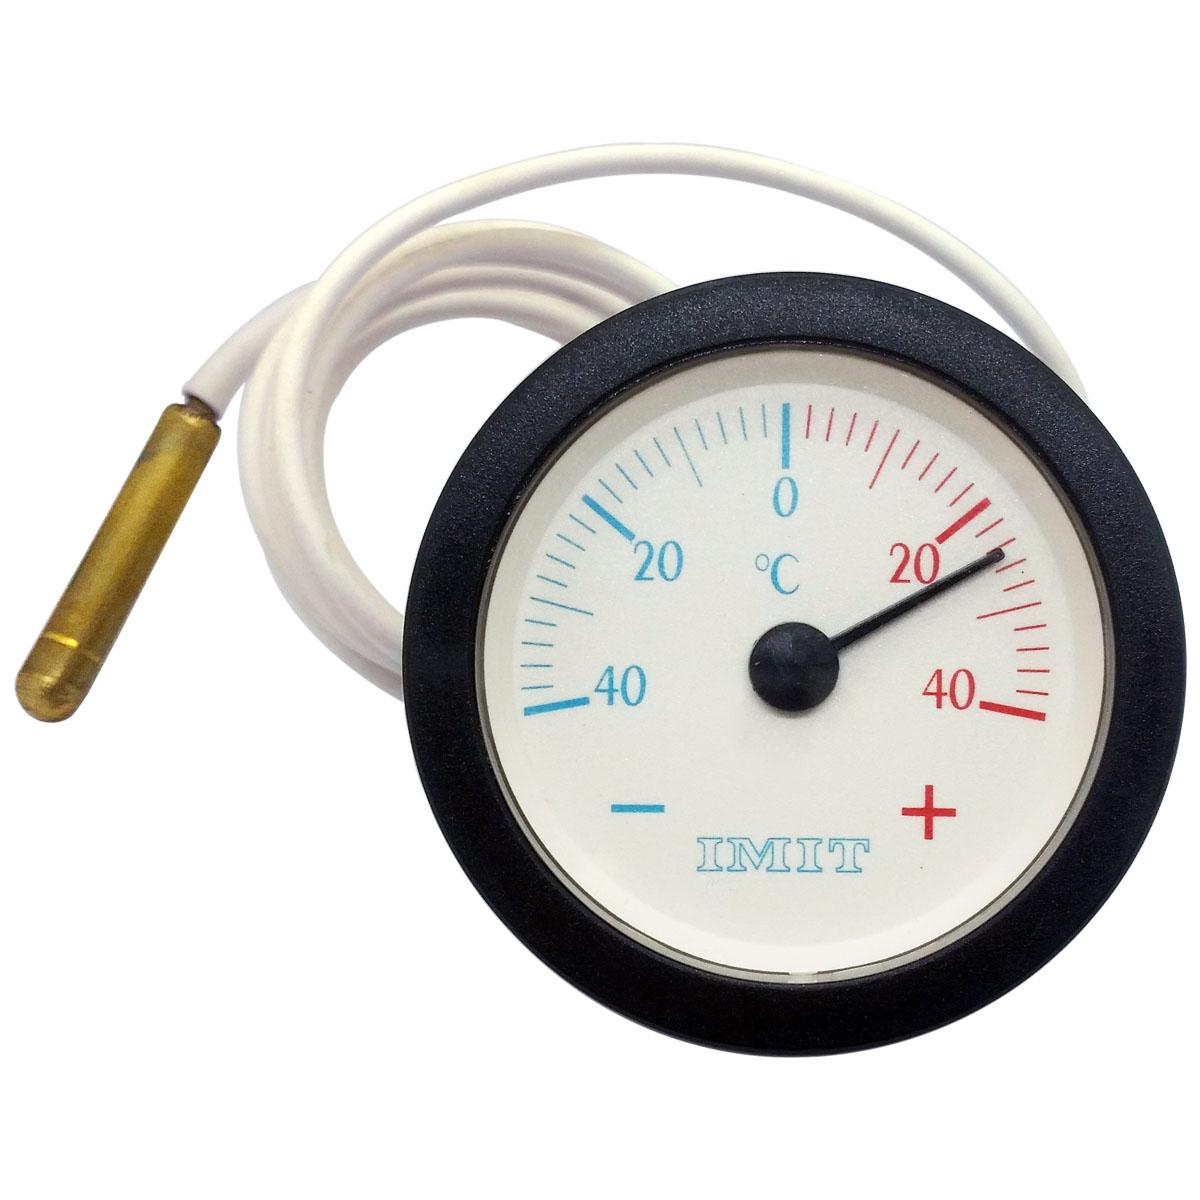 Termometro Imit 40 40 C Refrigeracion Bulbo Y Capilar Gsa Termicos El sistema básico, incluye un sensor de. termometro imit 40 40 c refrigeracion bulbo y capilar